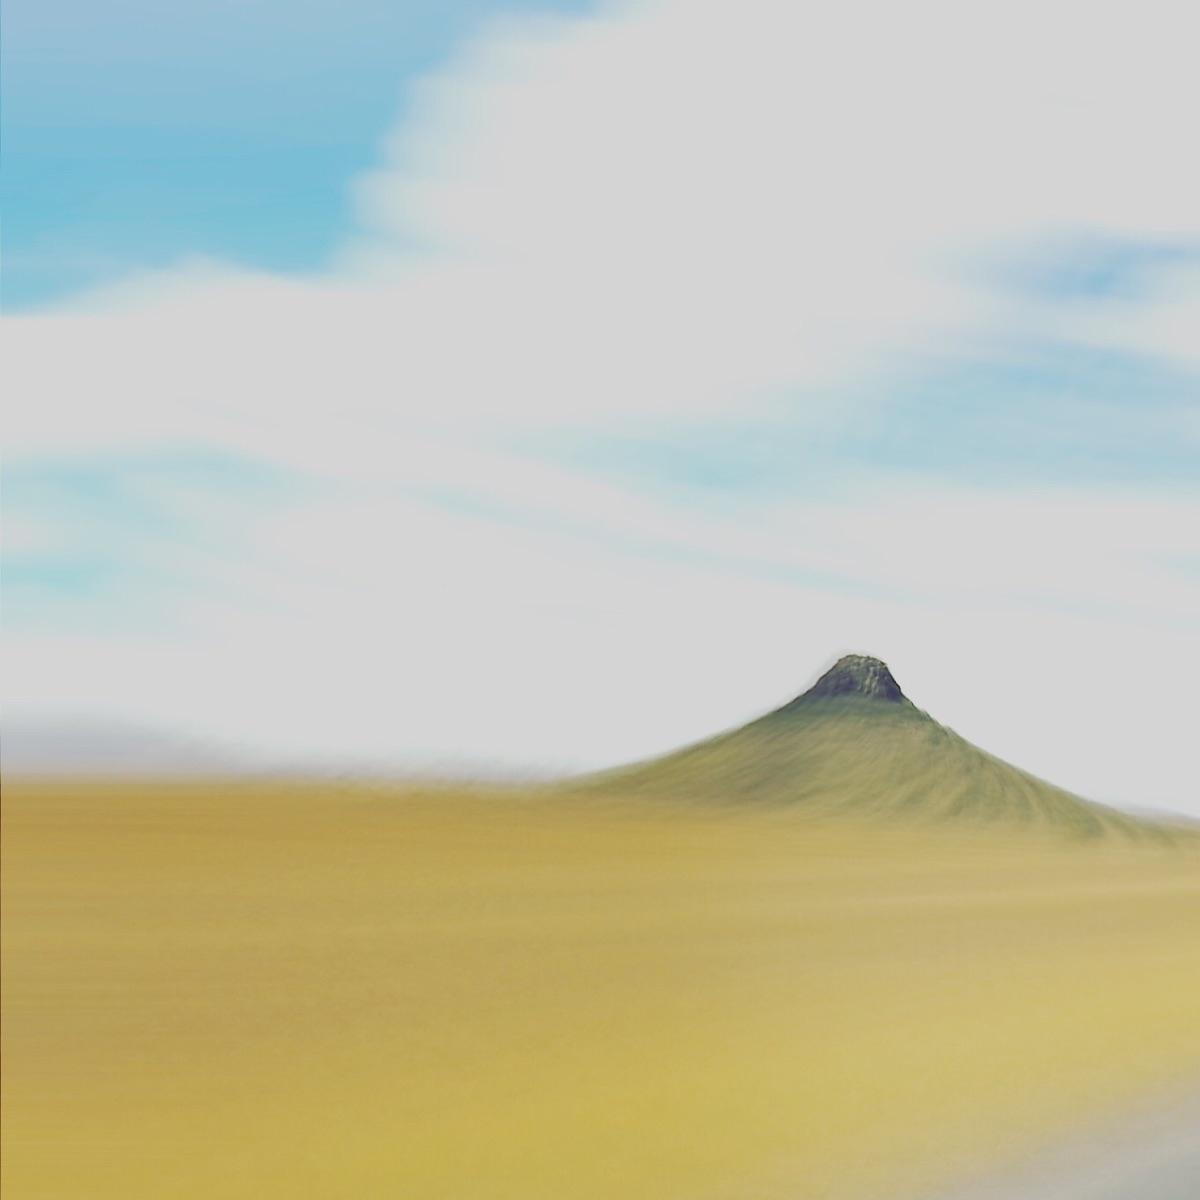 landscape - shot iPhone 5 edite - lioneldp | ello